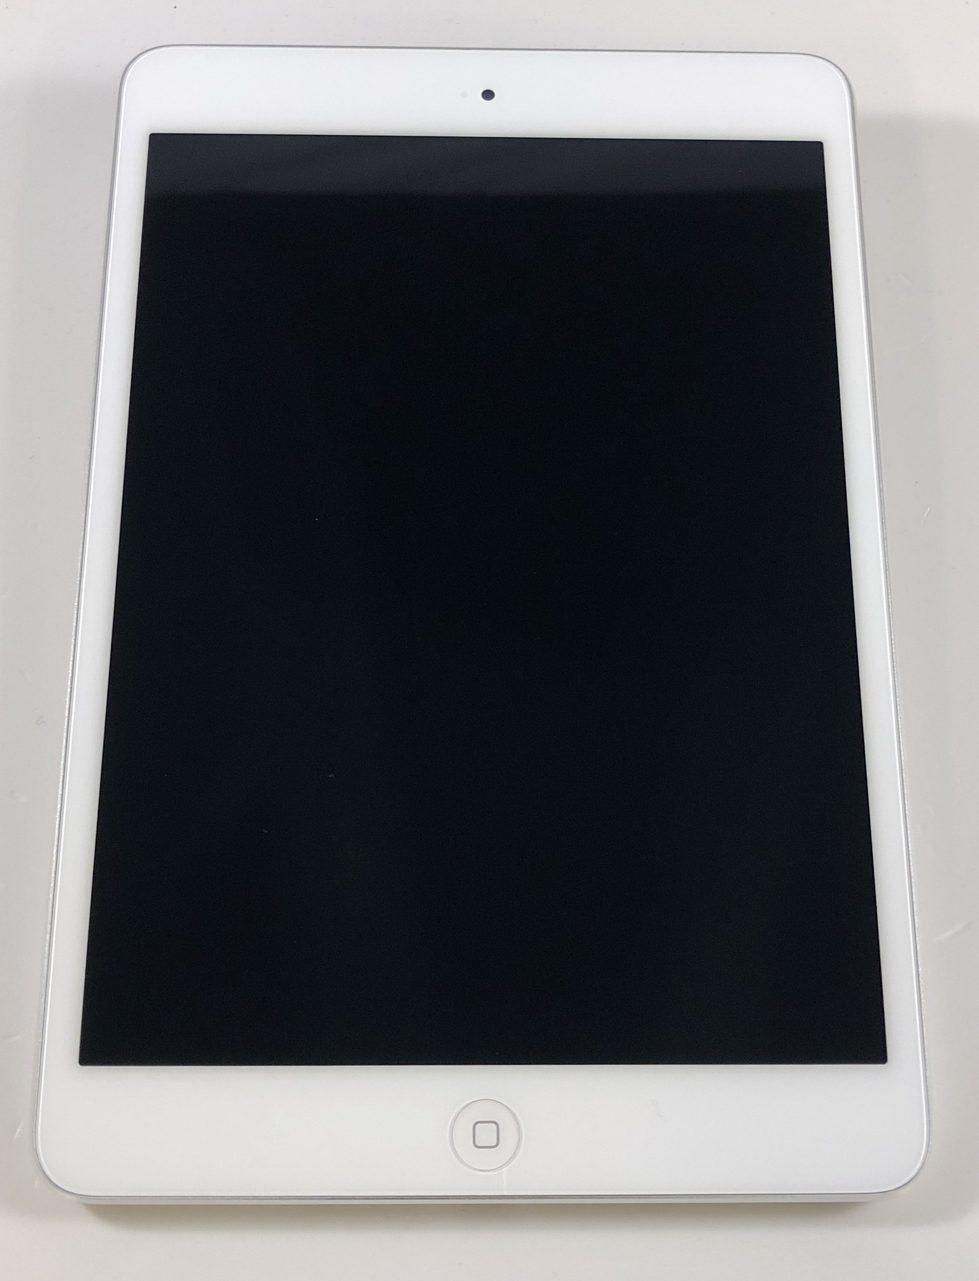 iPad mini 2 Wi-Fi 32GB, 32GB, Silver, immagine 1